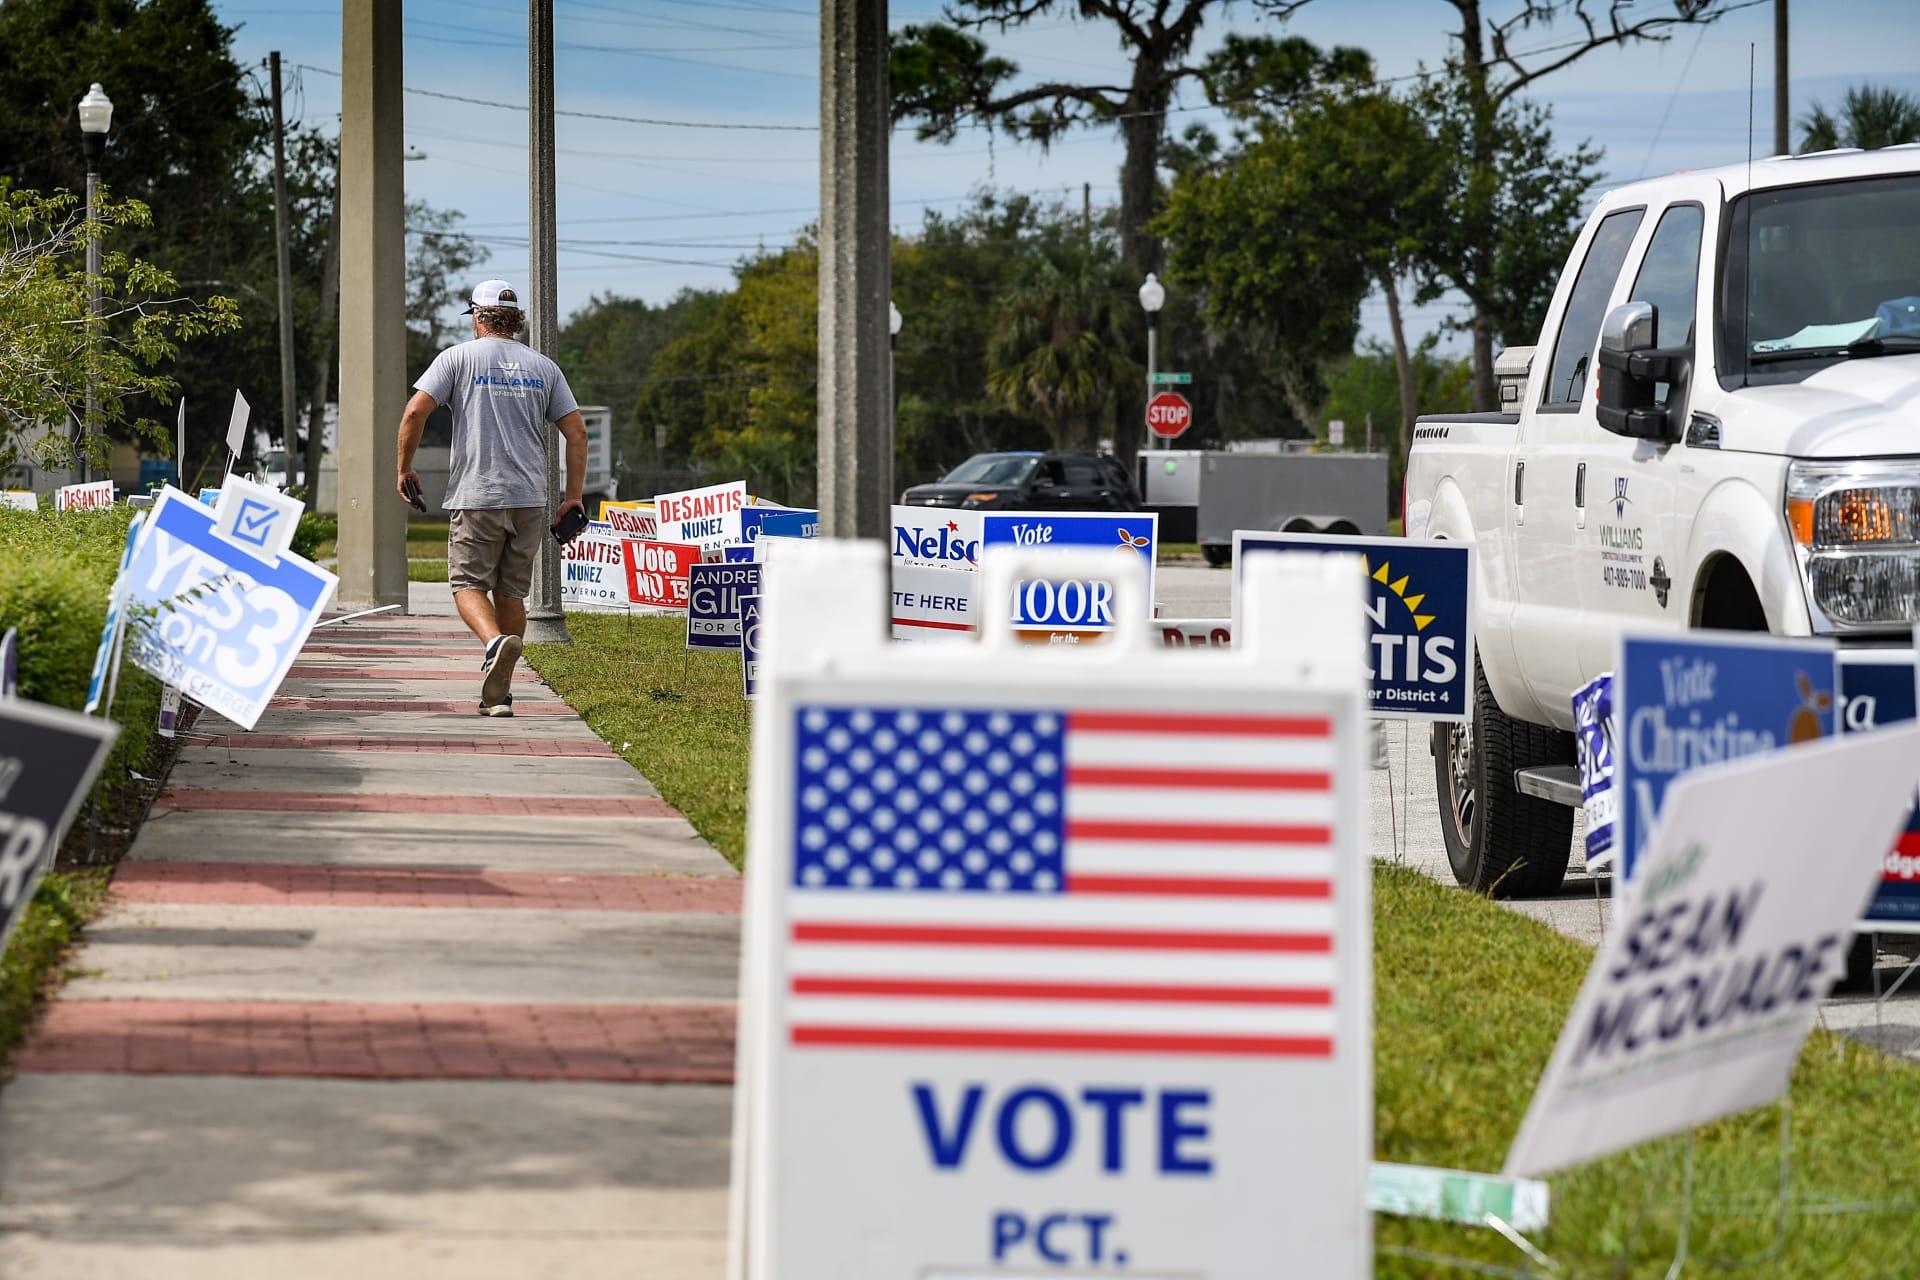 إقبال كبير على التصويت المبكر في انتخابات التجديد النصفي بأمريكا